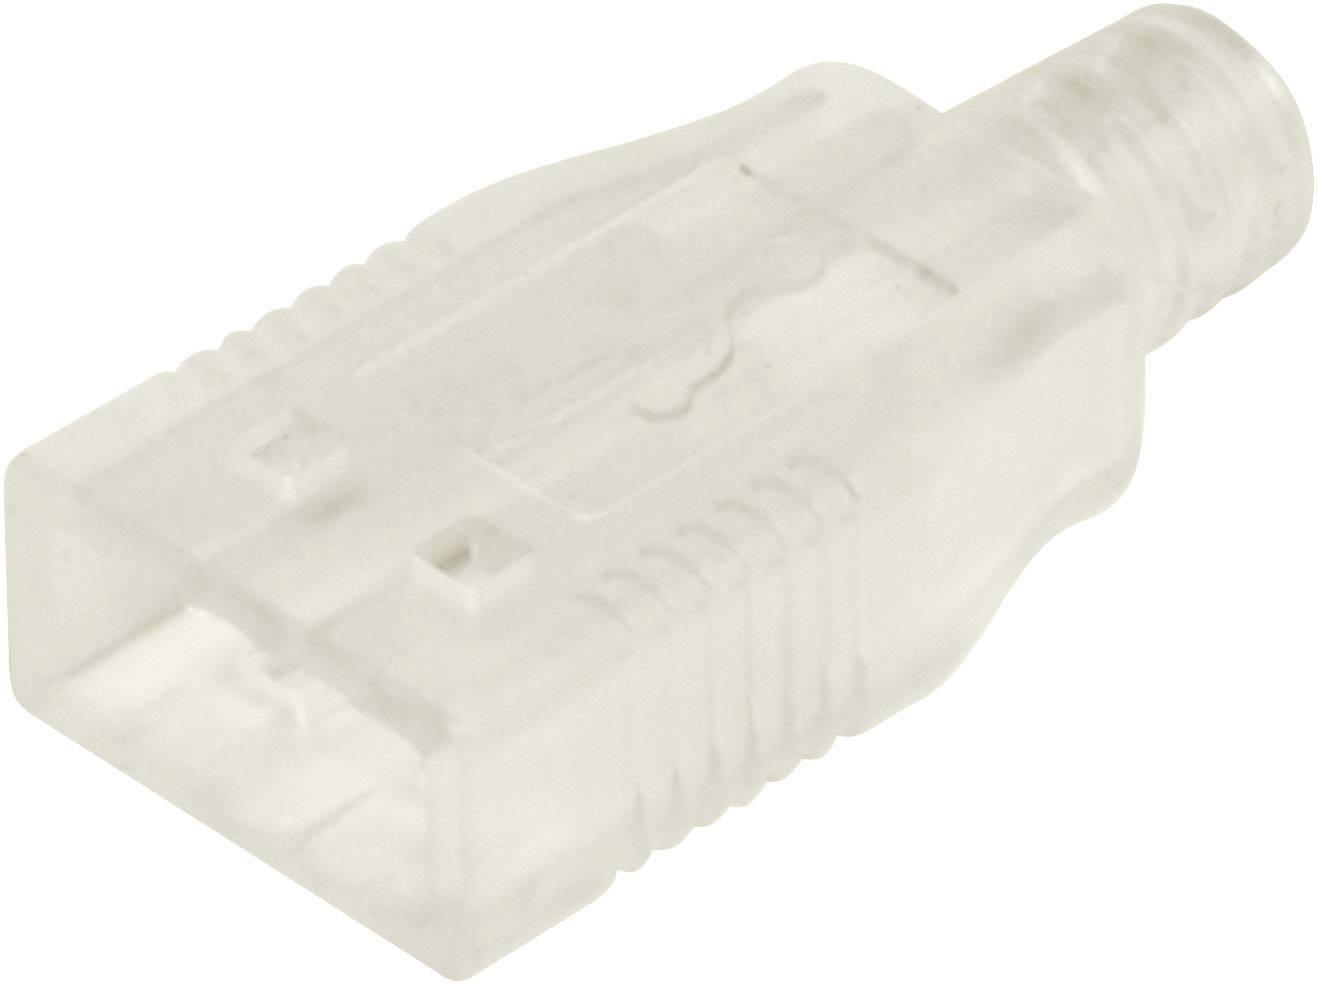 Krytka pro USB A BKL Electronic 10120100, zástrčka rovná